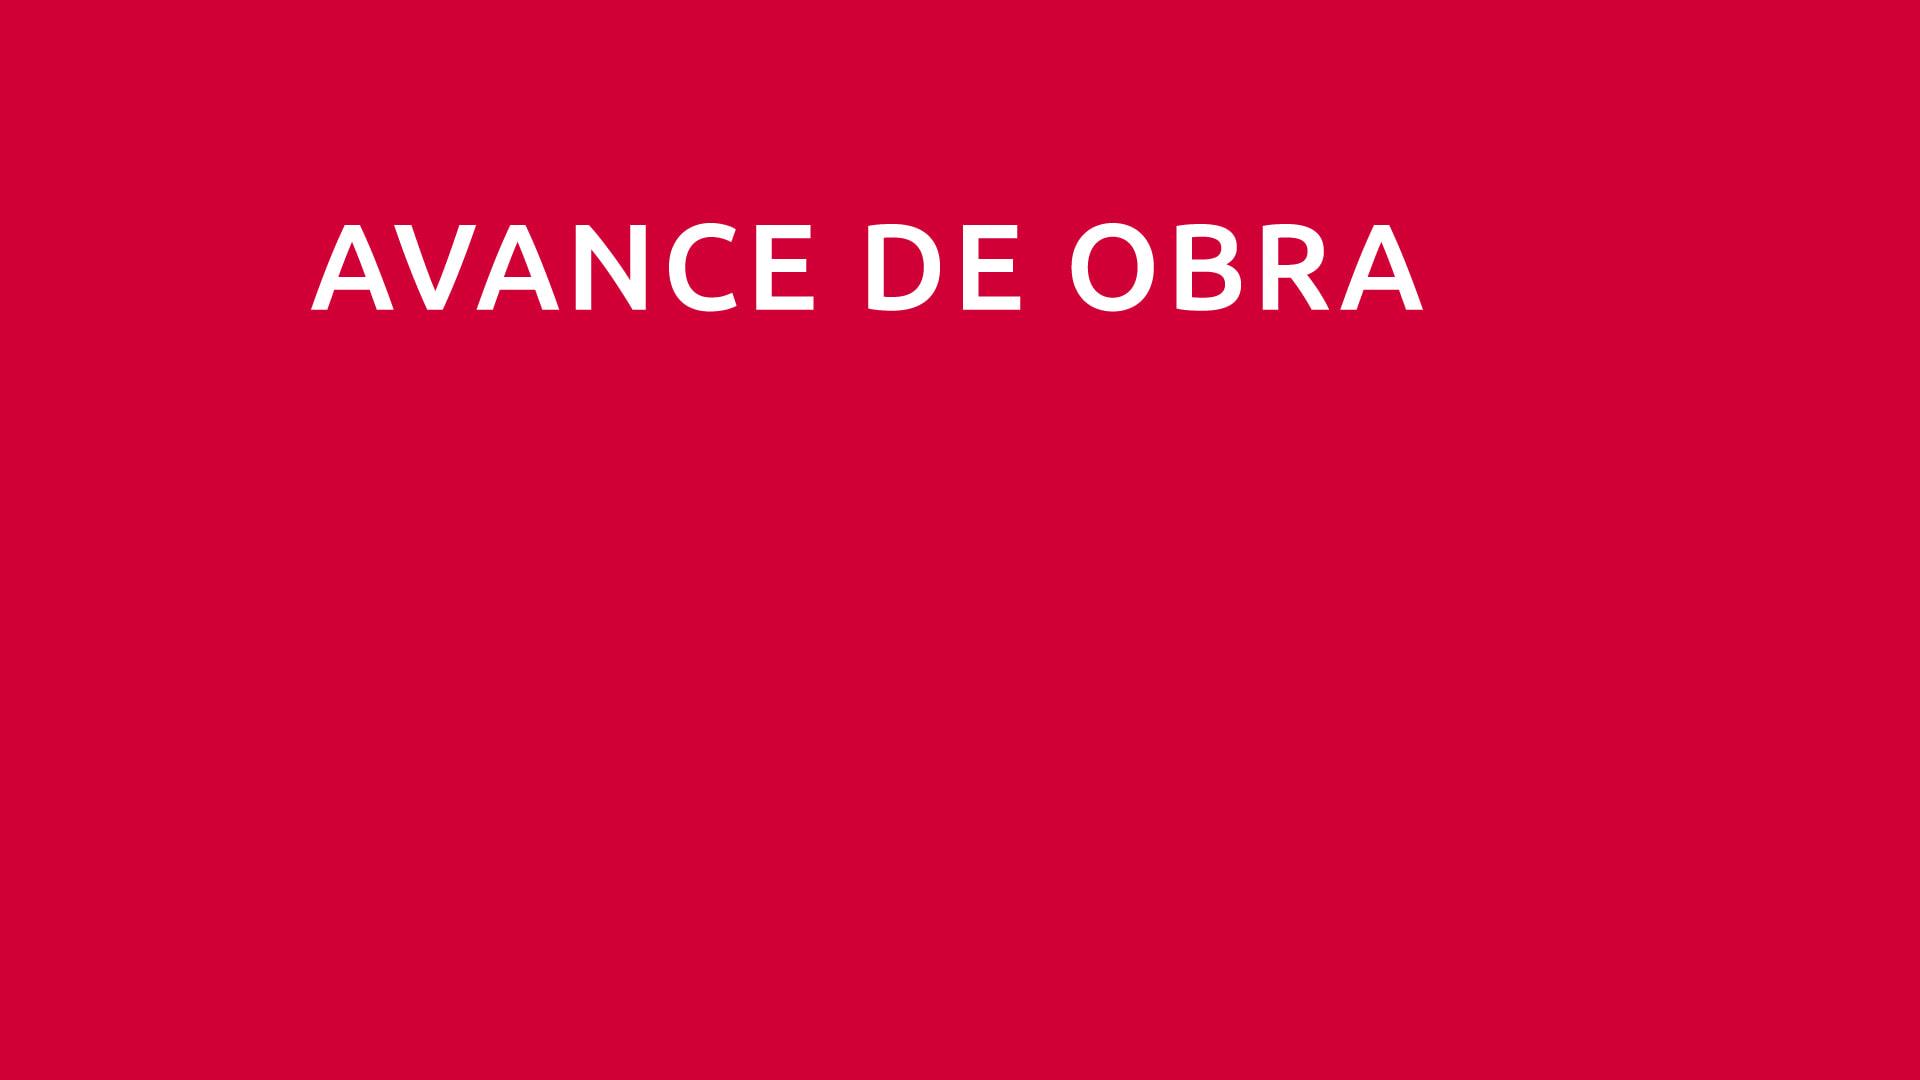 AVANCE-DE-OBRA-BLANCO